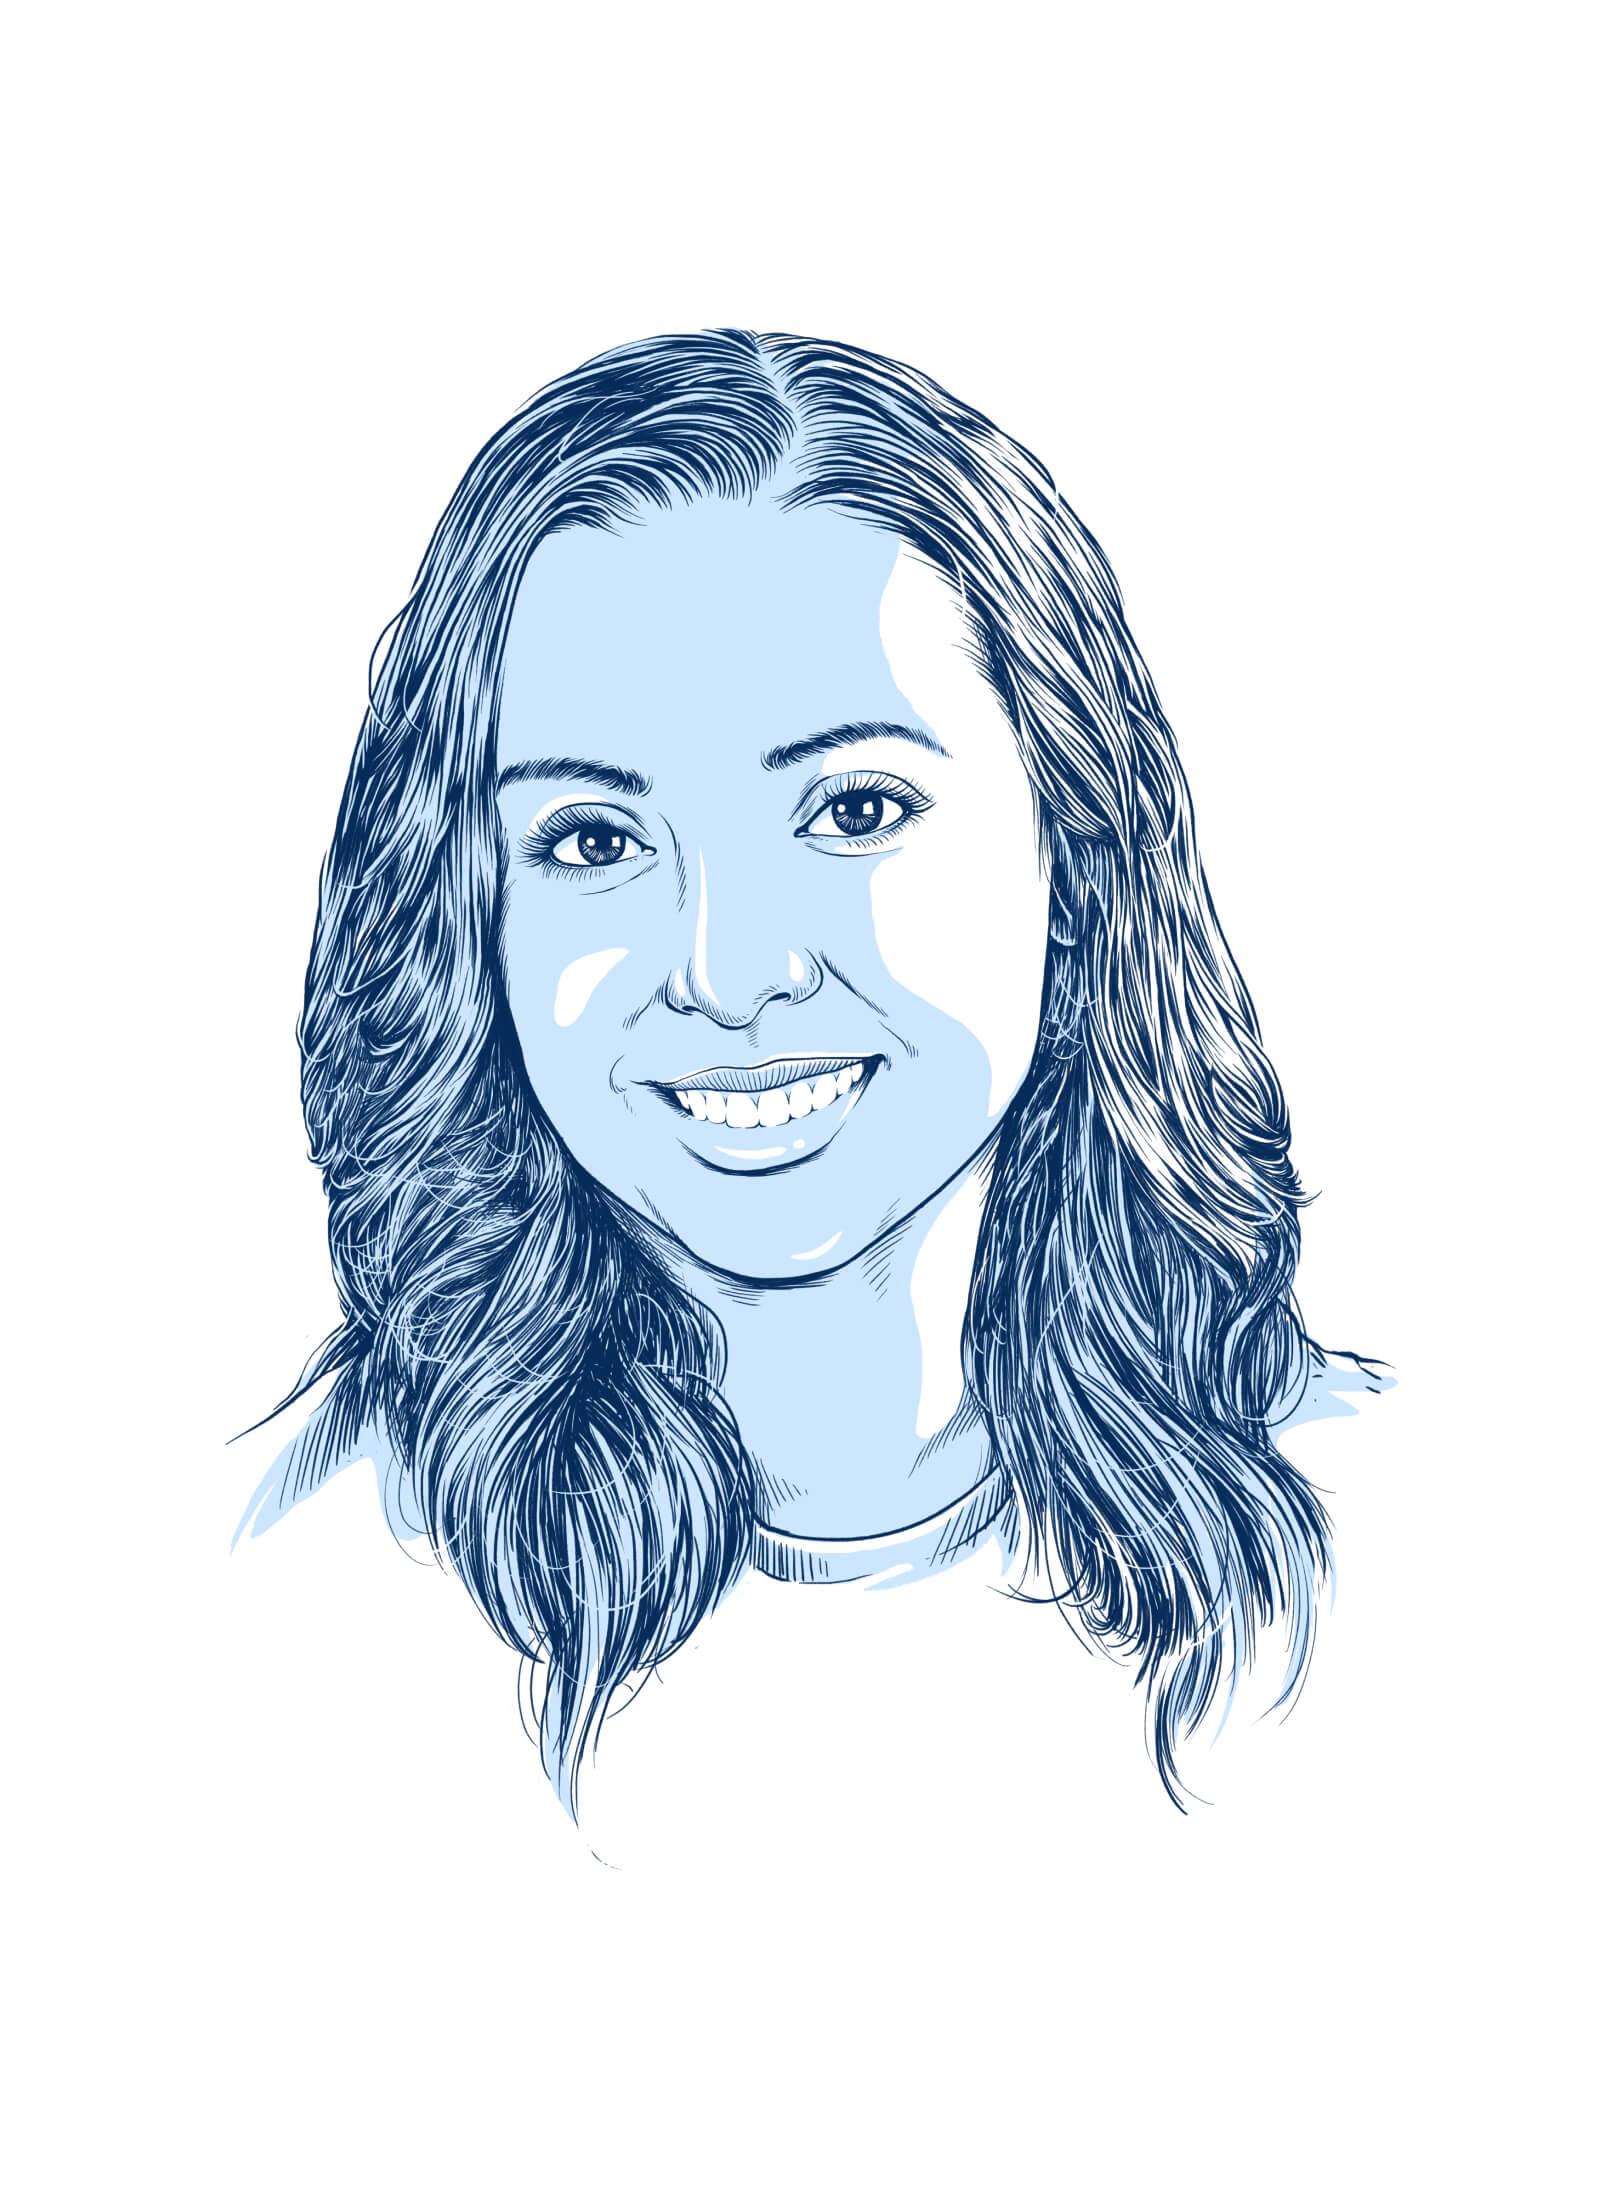 female professional headshot illustrated